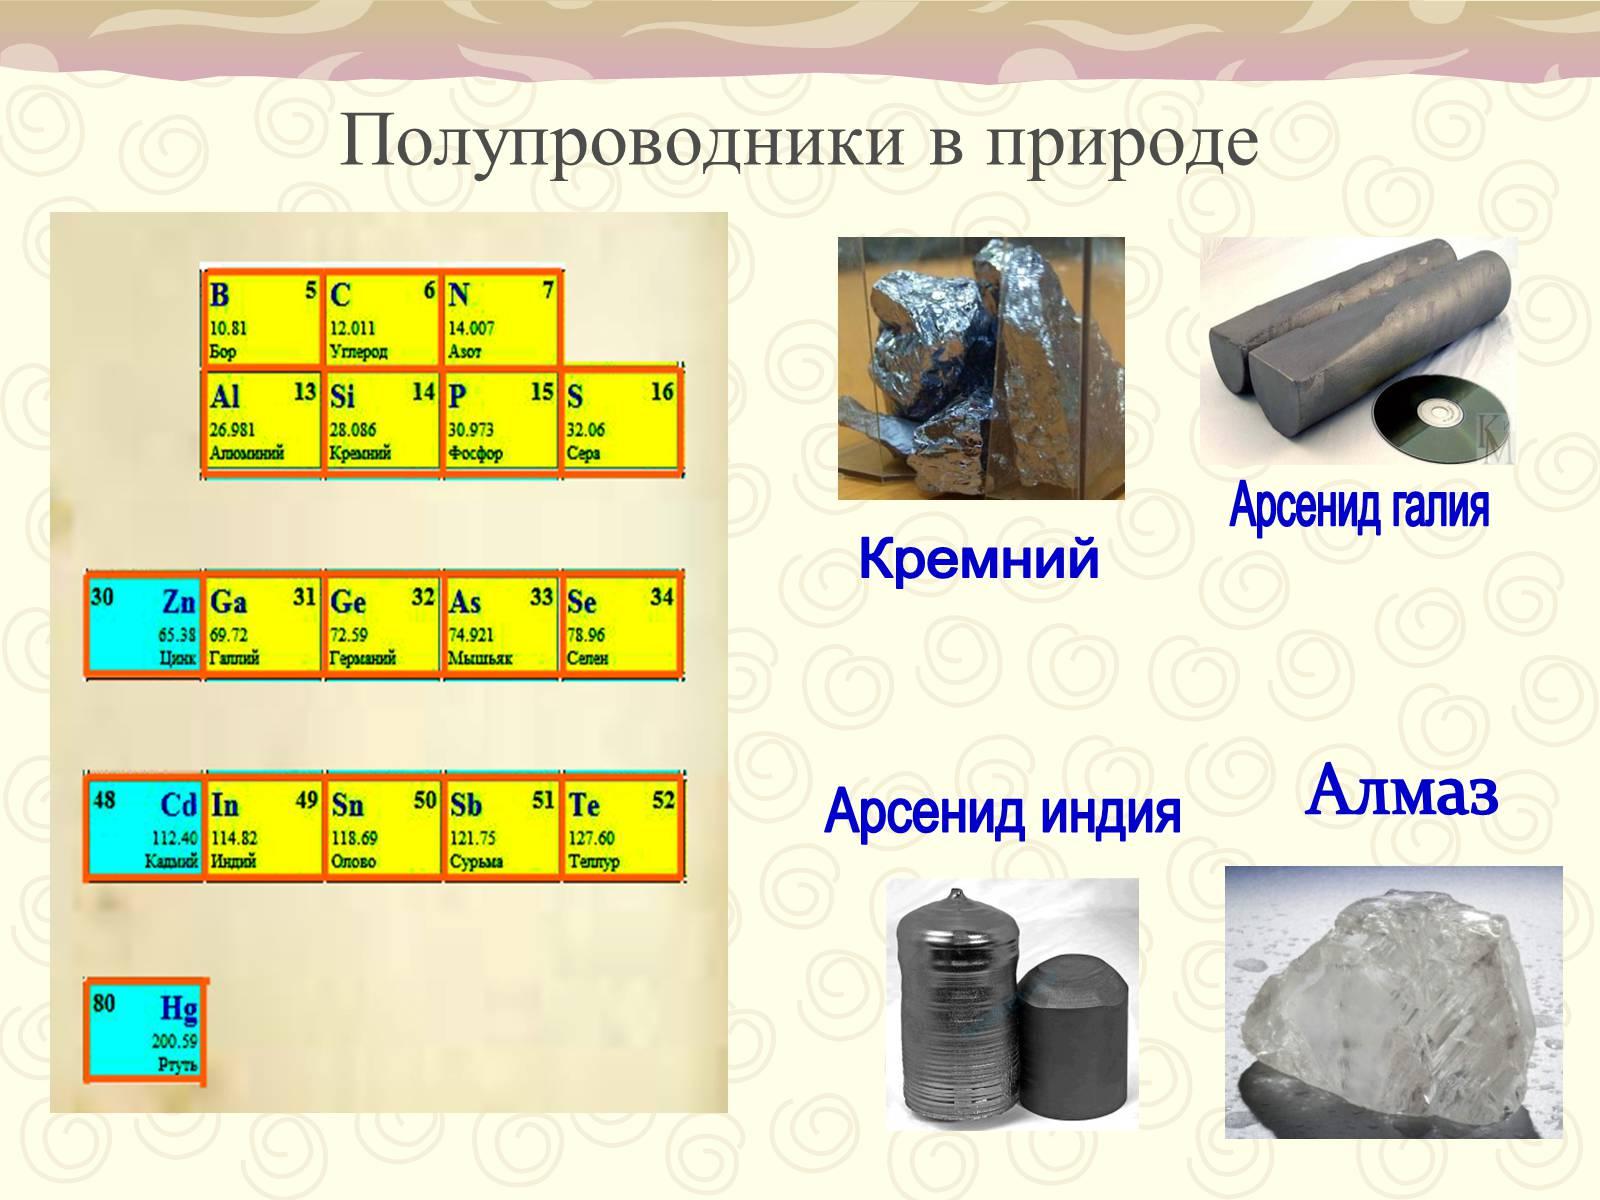 Полупроводники — википедия. что такое полупроводники